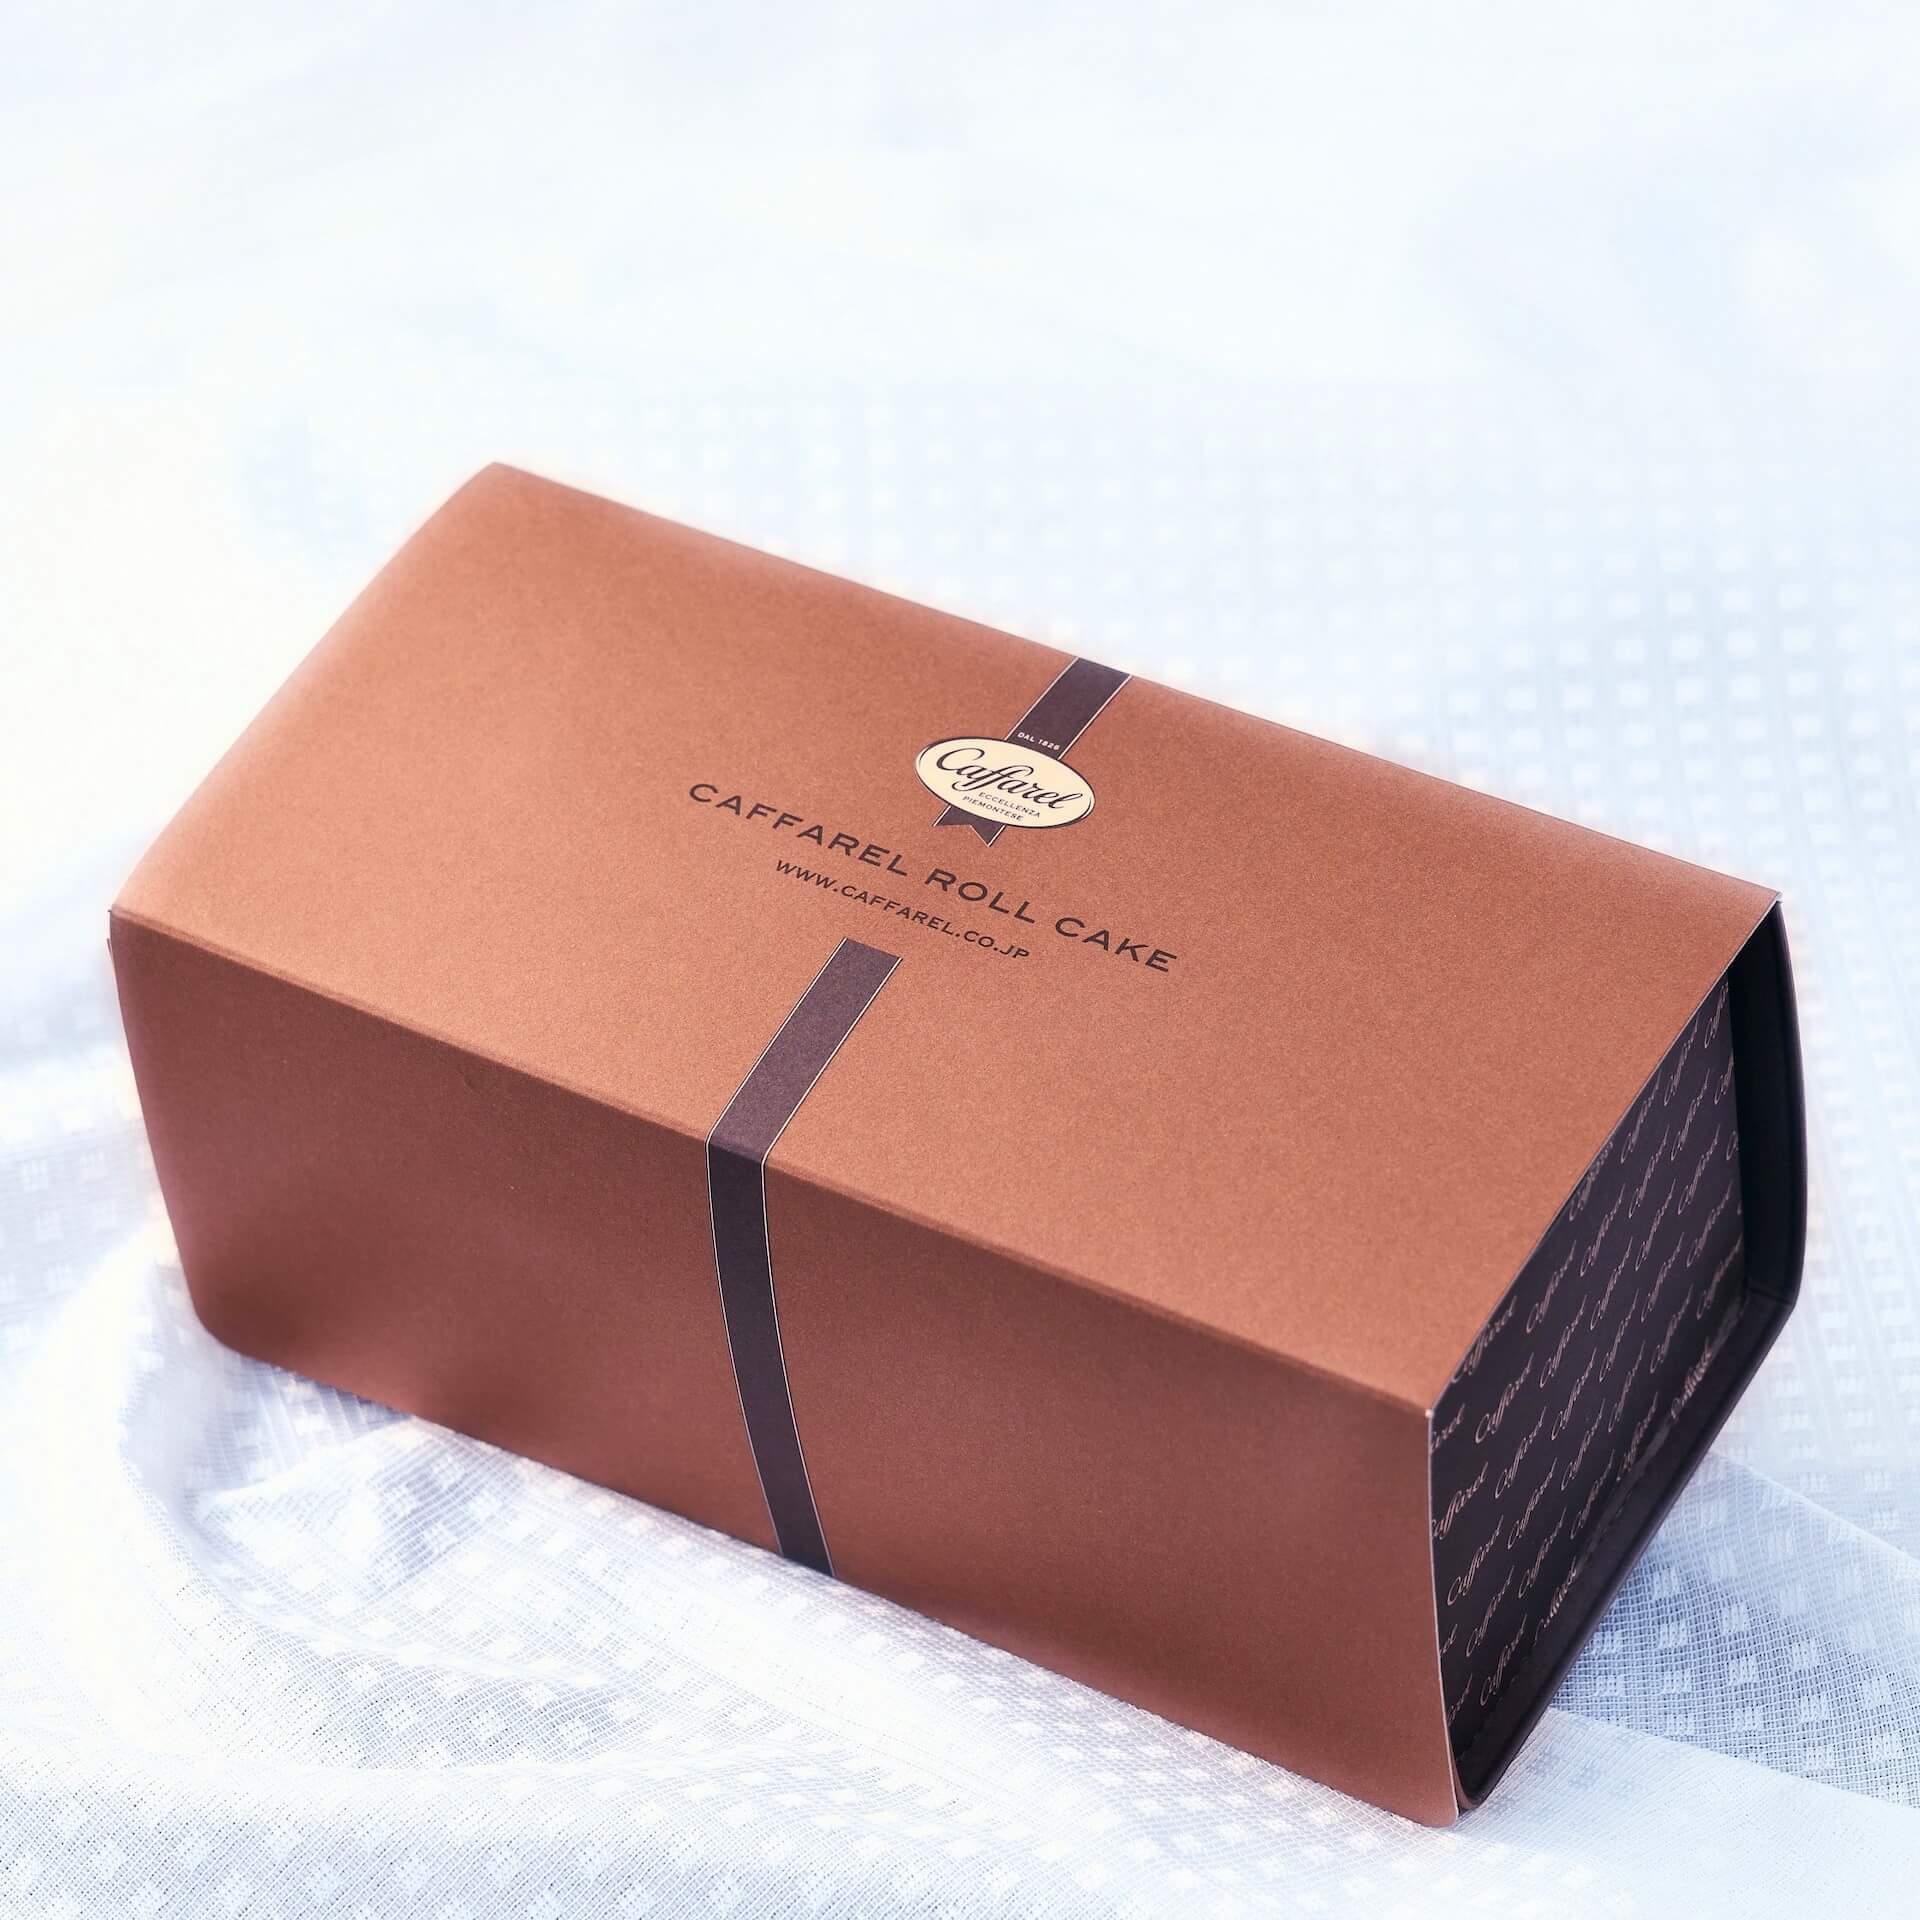 チョコアイスのような食感も楽しめるカファレルの『ジャンドゥーヤロールケーキ』がオンラインで期間・数量限定で登場! gourmet200624_caffarel_rollcake_05